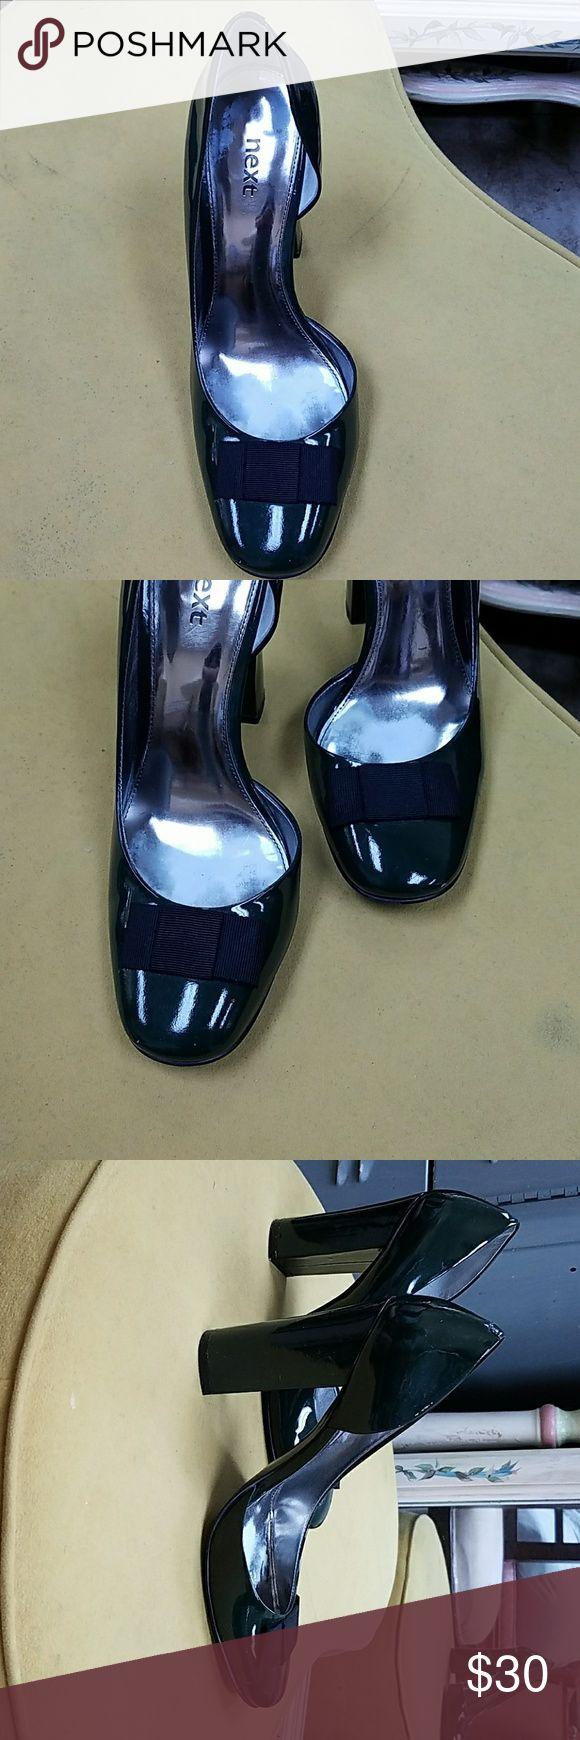 Next heels Size 7 Next heels Size 7 Shoes Heels